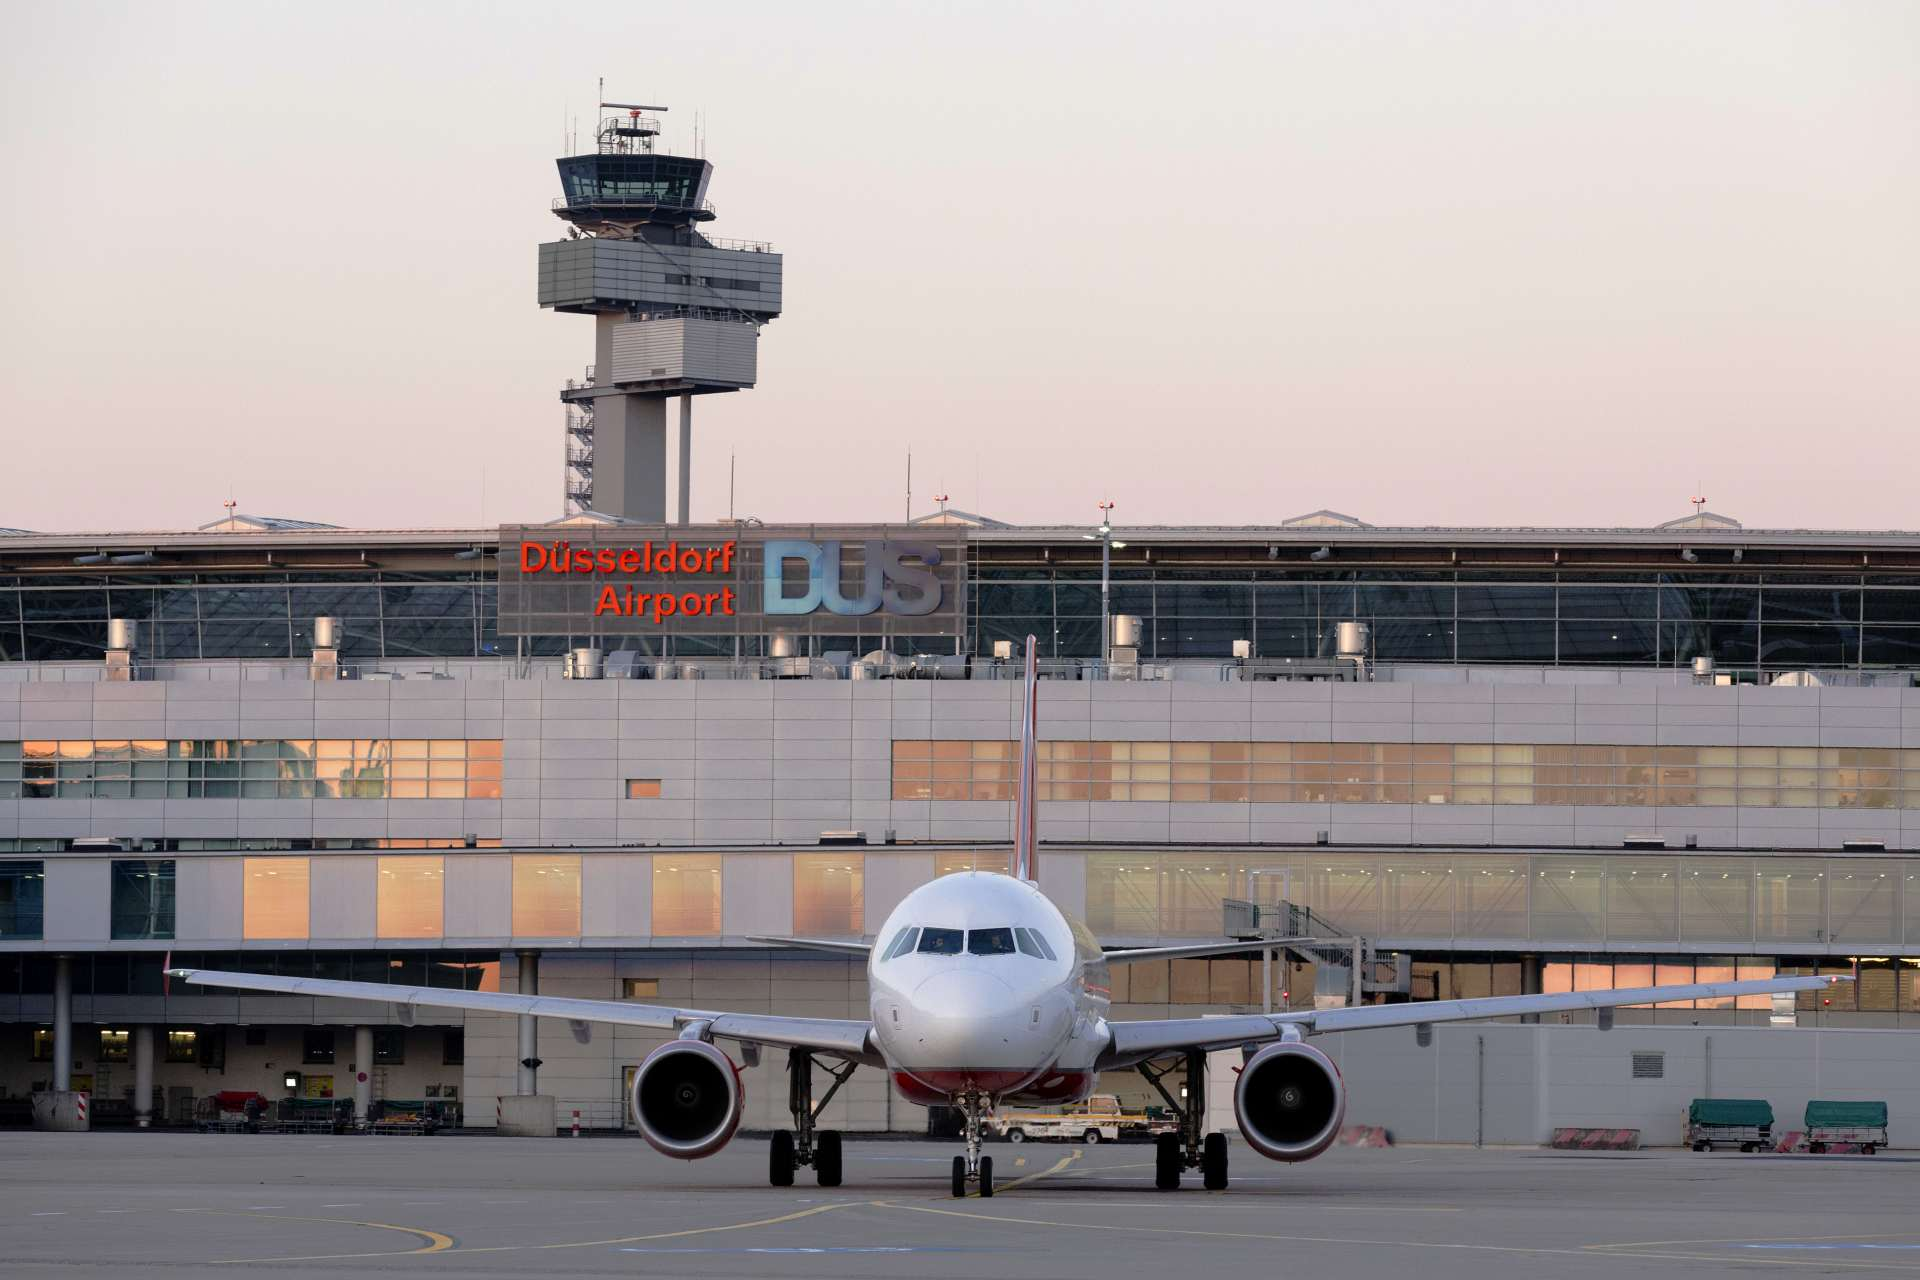 Flughafen Düsseldorf Flugzeug auf dem Vorfeld